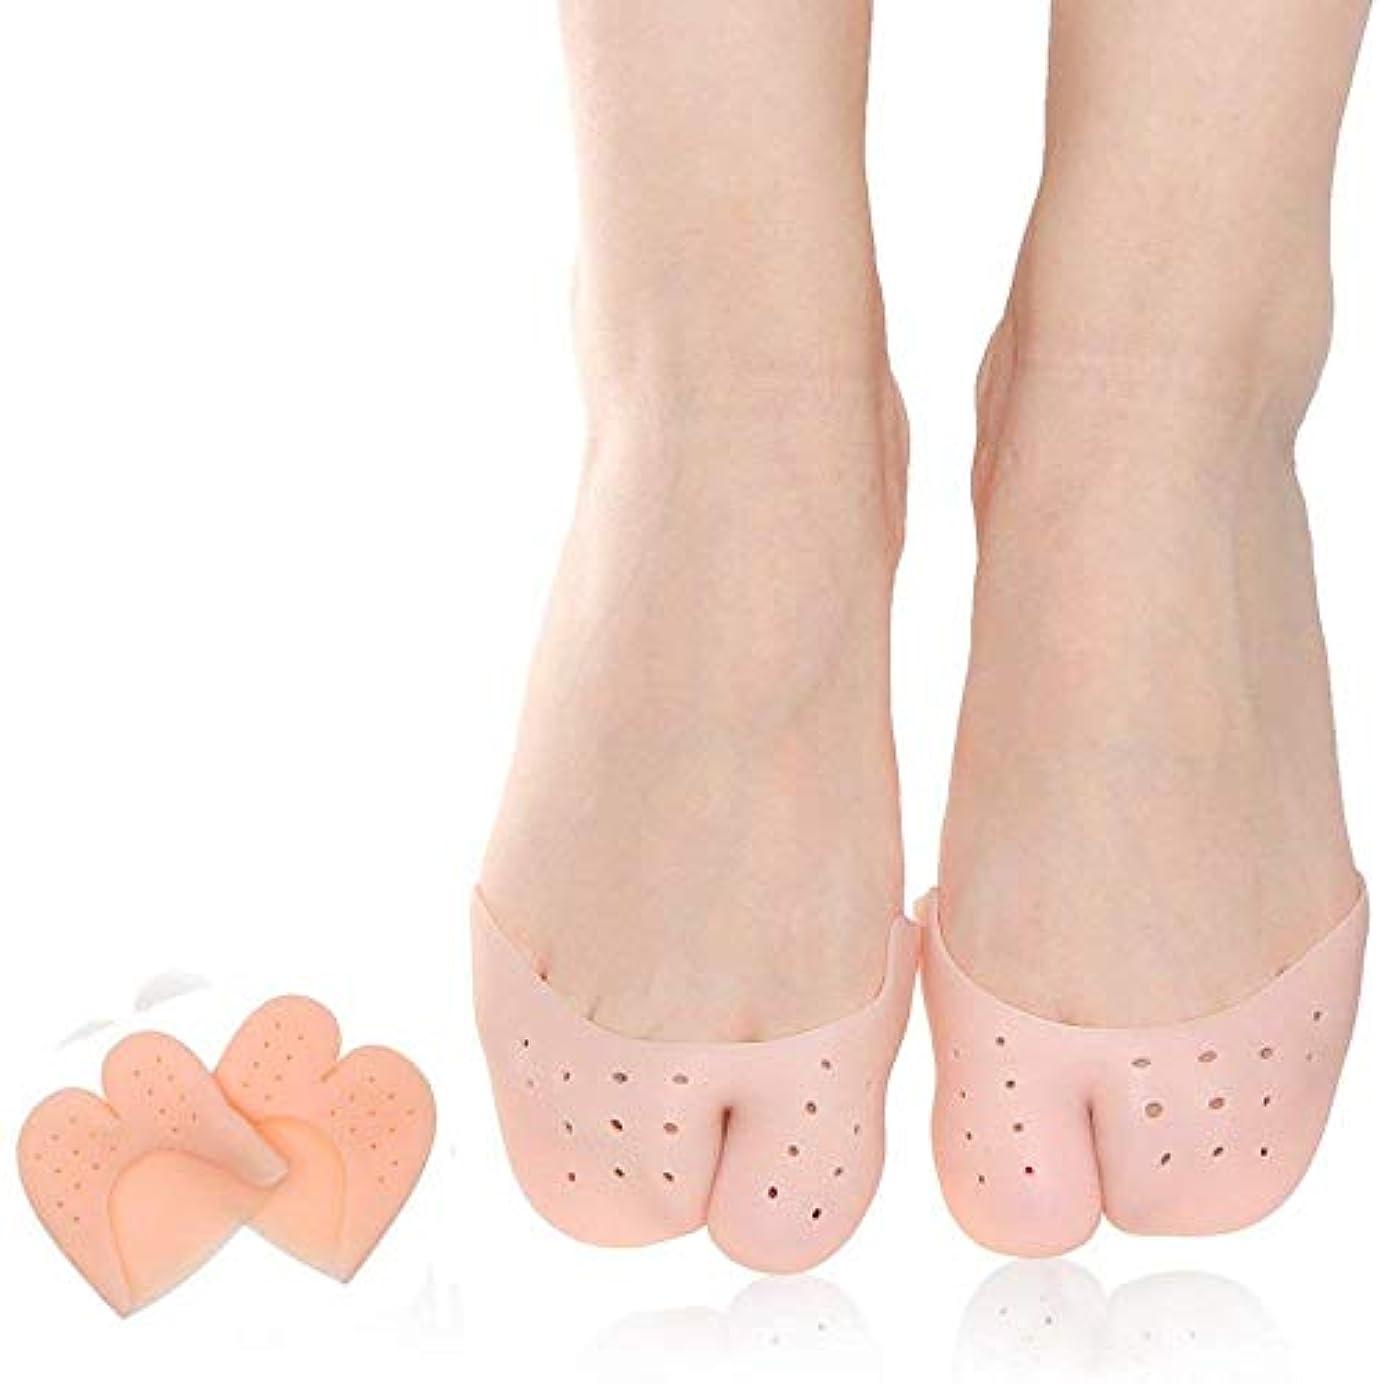 悪因子構造なかなか[Toe Glow] つま先保護カバー 足指 サポーター パッド 肌色